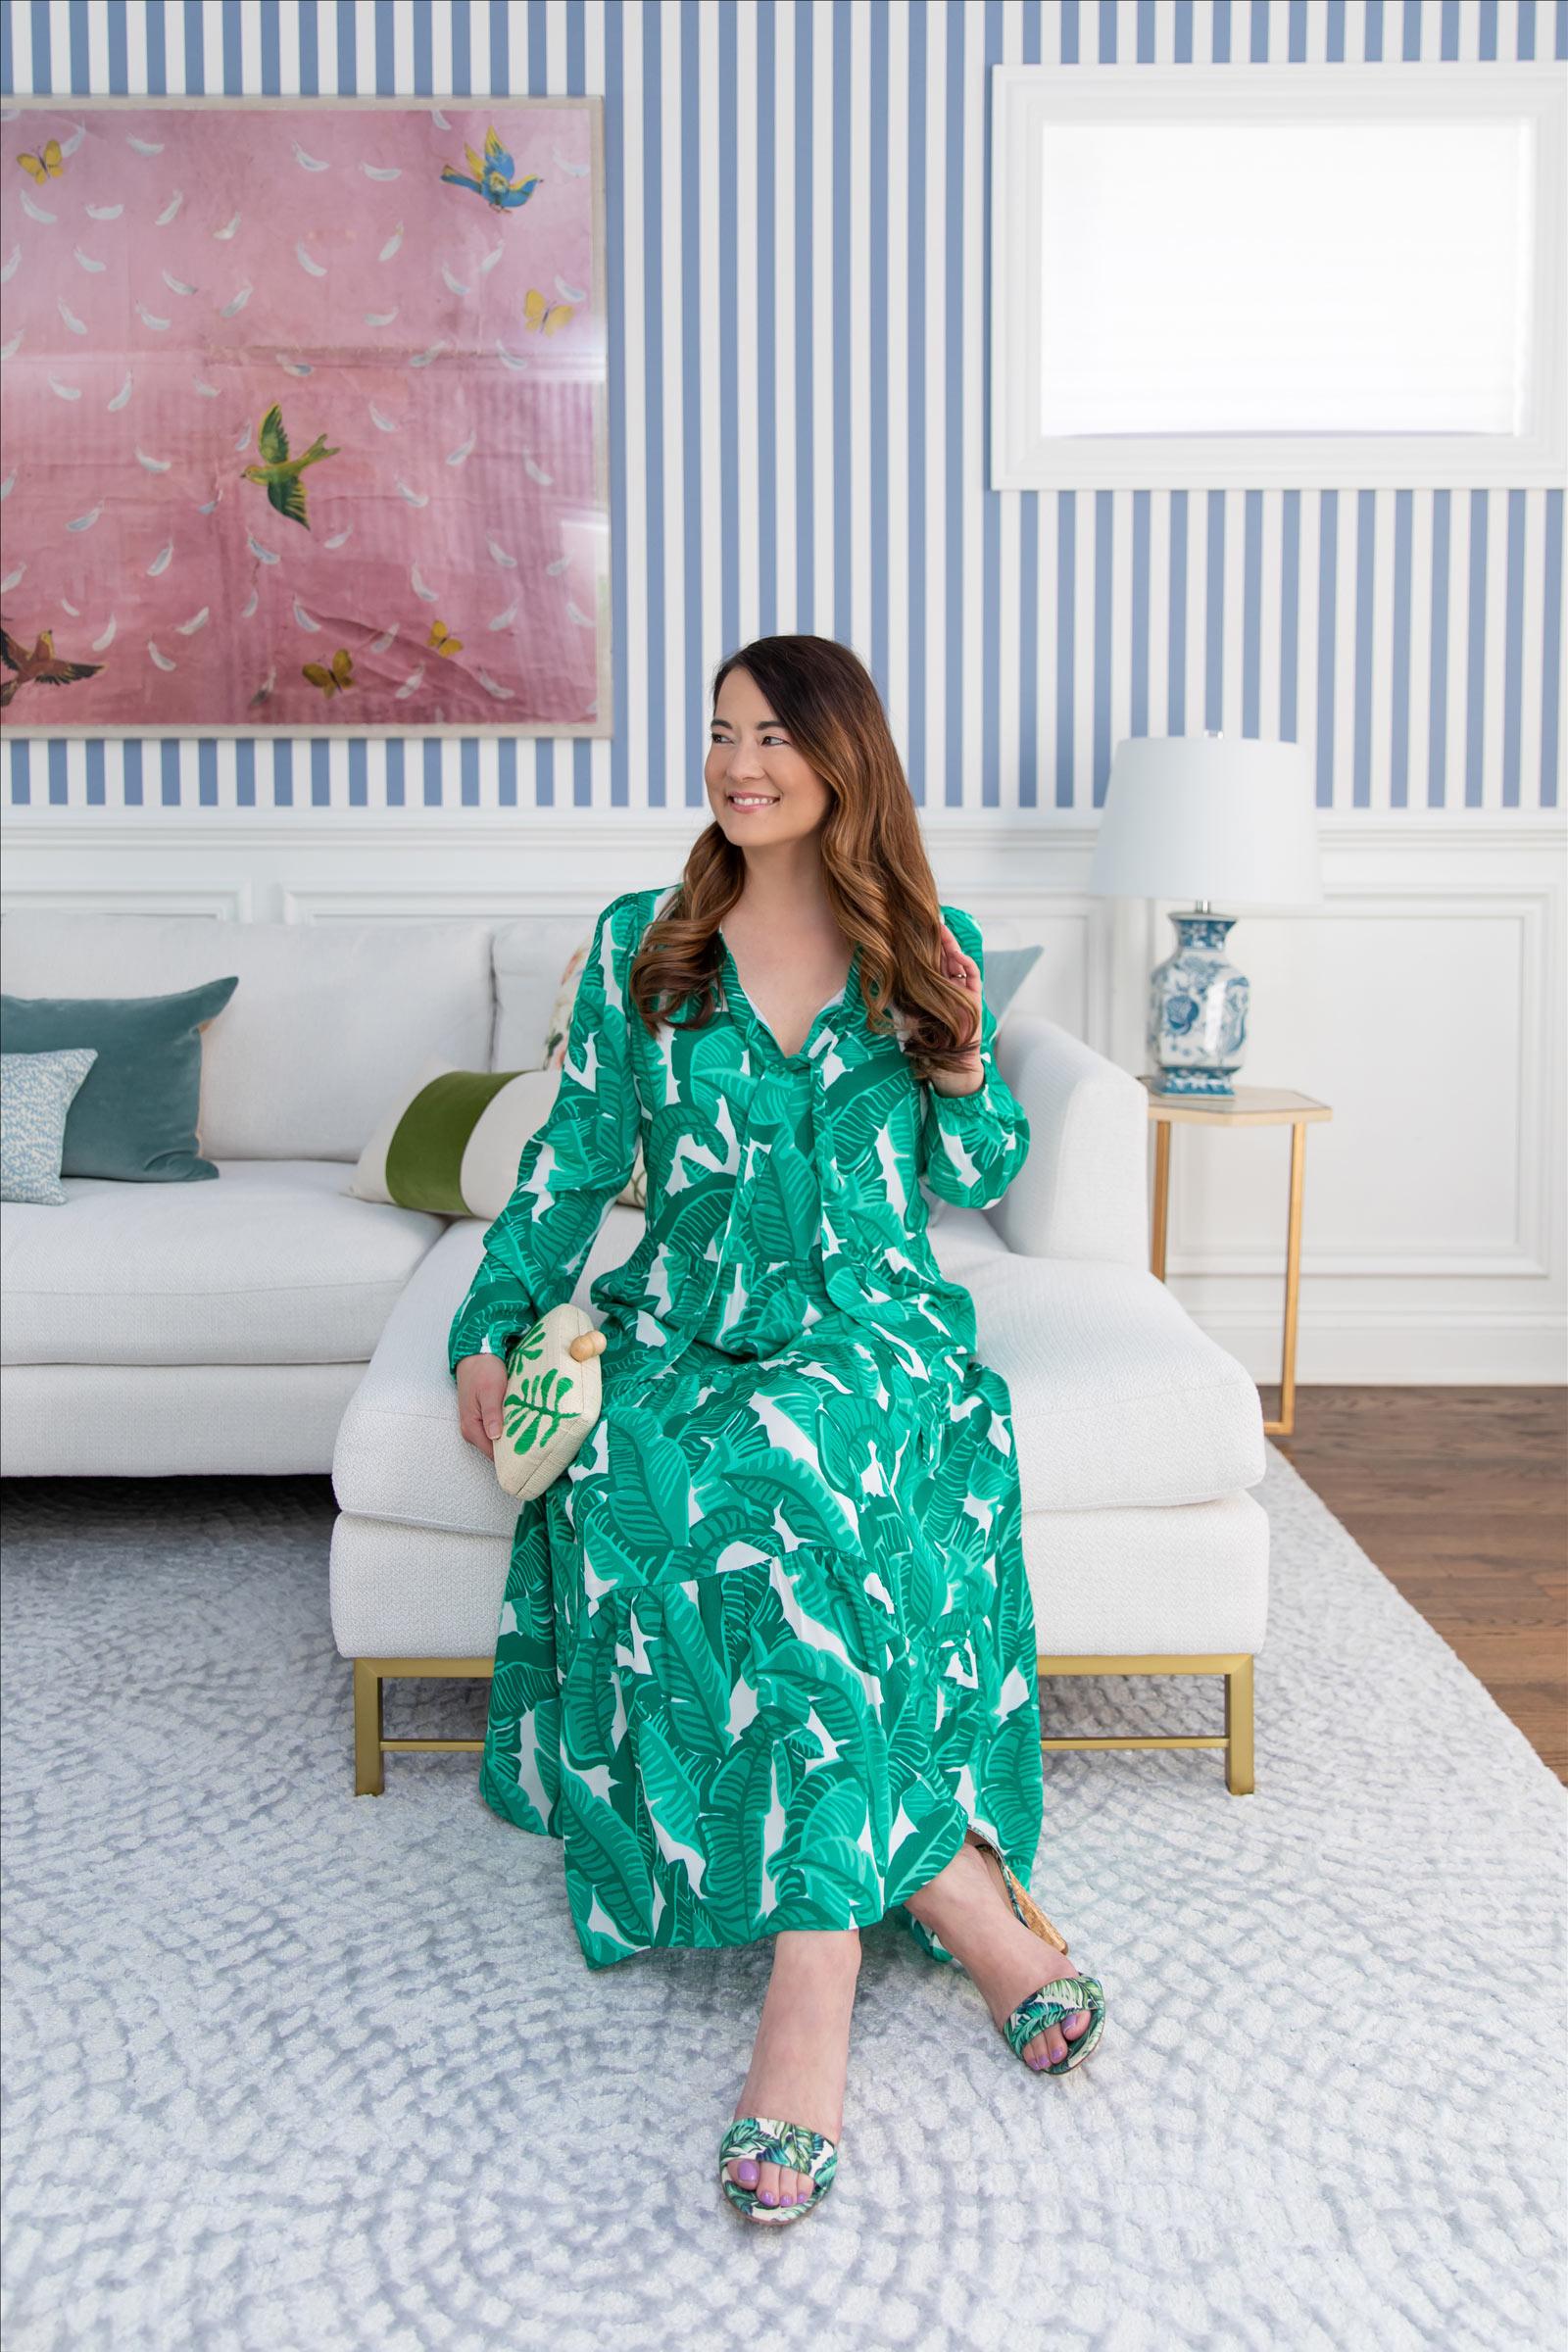 Jennifer Lake Sail to Sable Anne Palm Print Dress